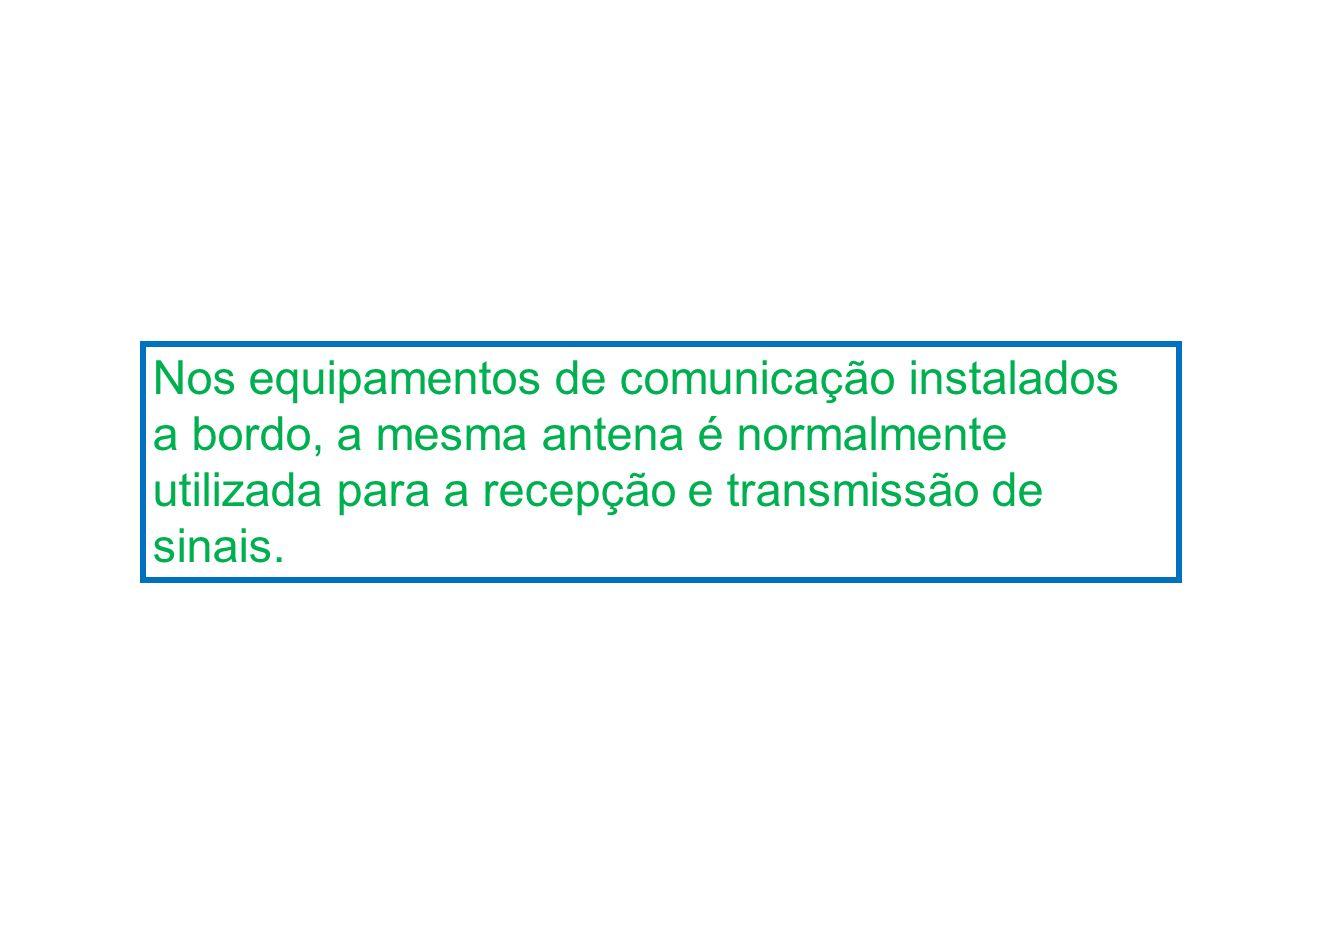 Nos equipamentos de comunicação instalados